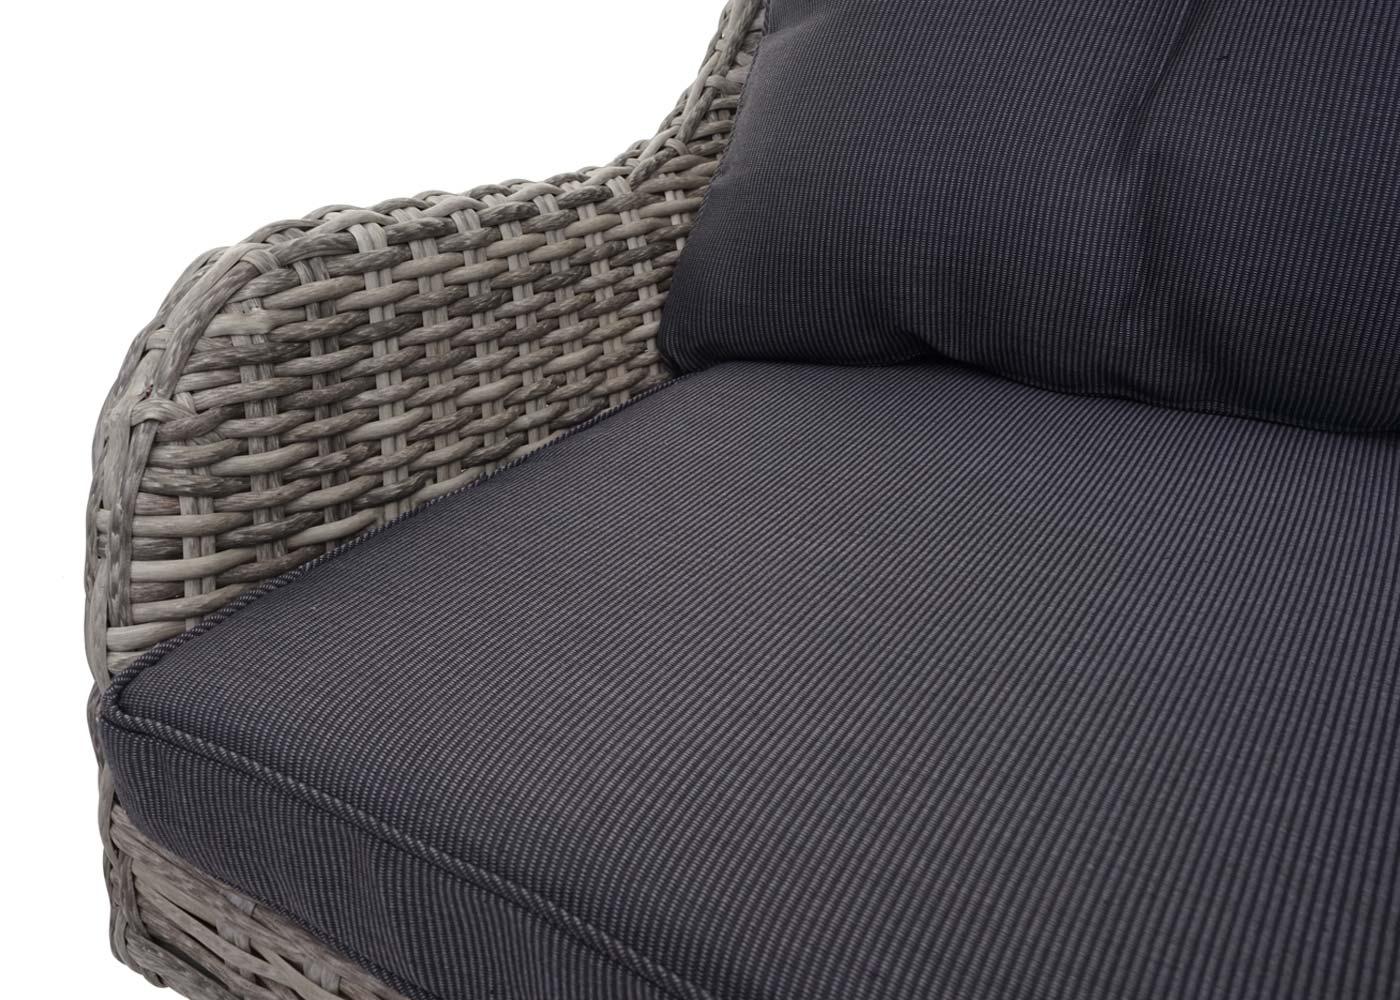 Gartengarnitur HWC-H64 Detailansicht Sitzfläche